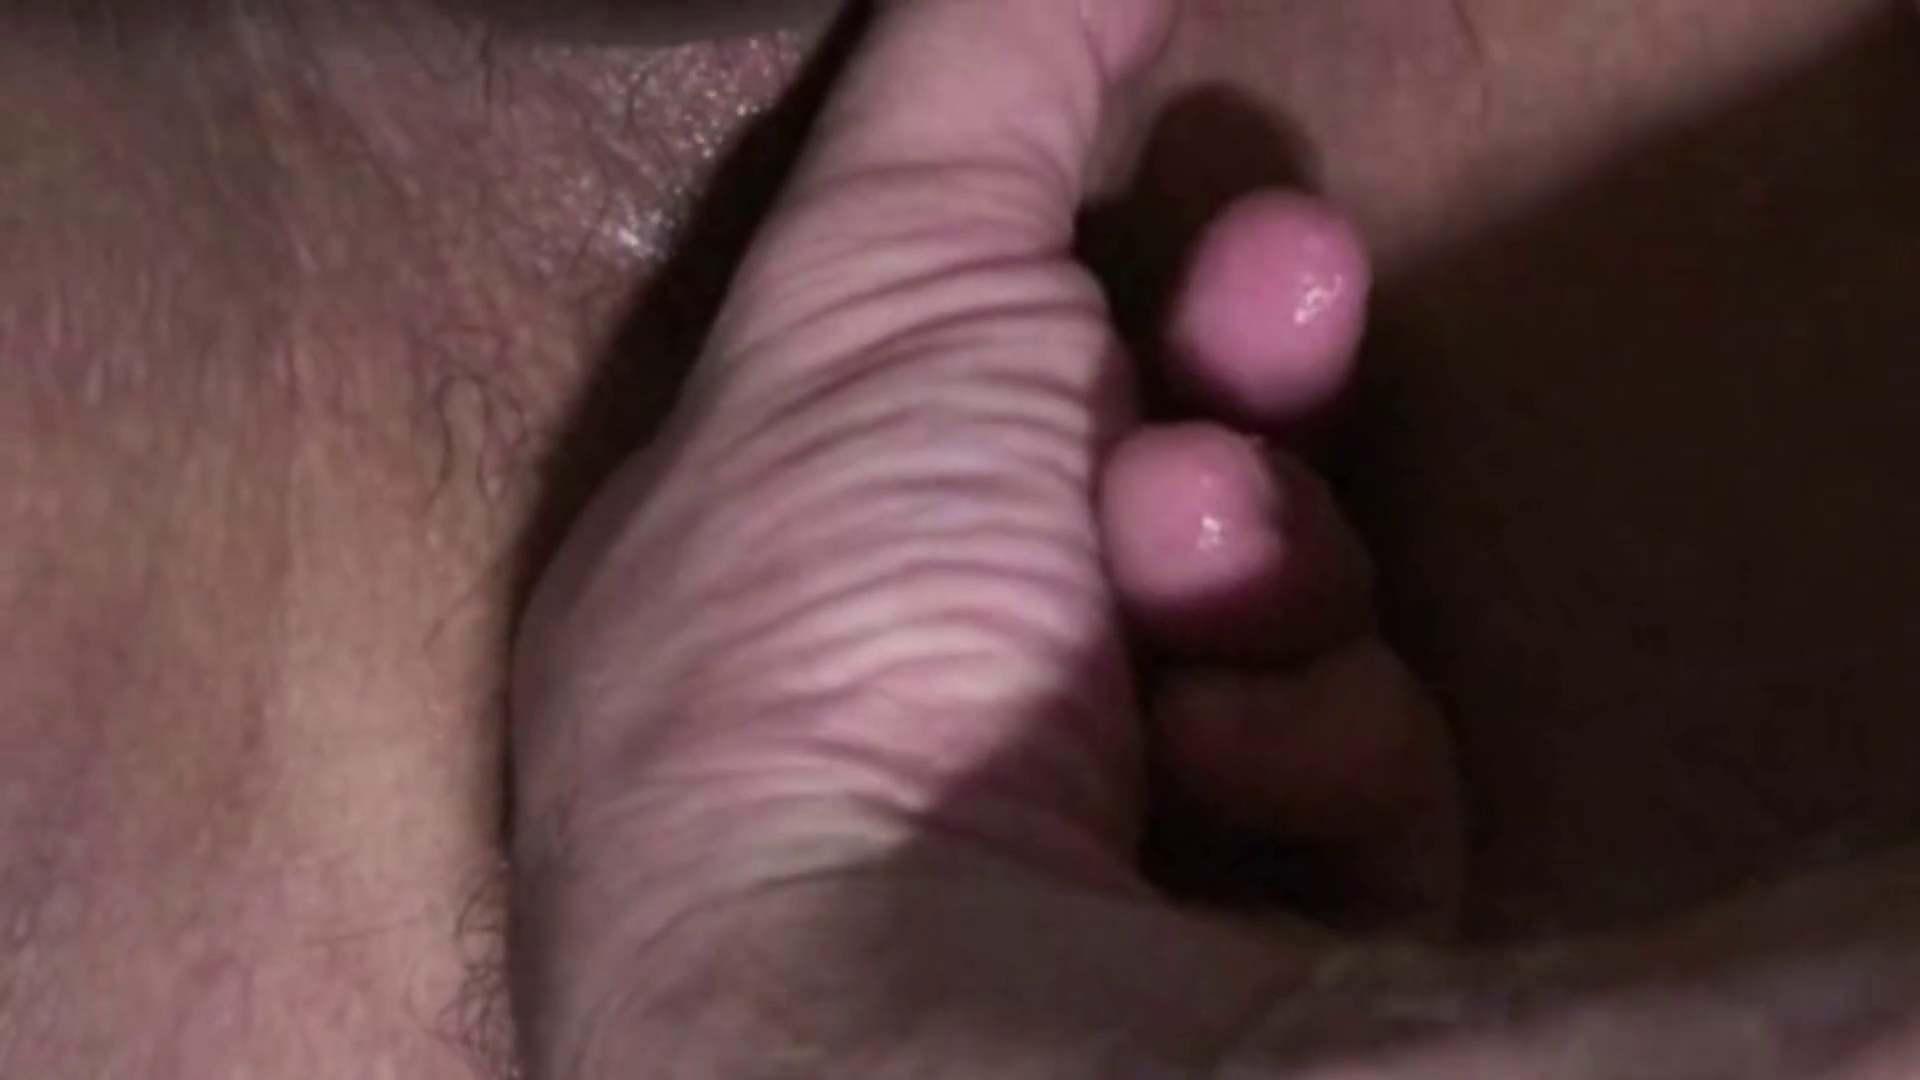 杉村太蔵似…巨チンで明日の日本を変えよう! 完全無修正  82pic 5